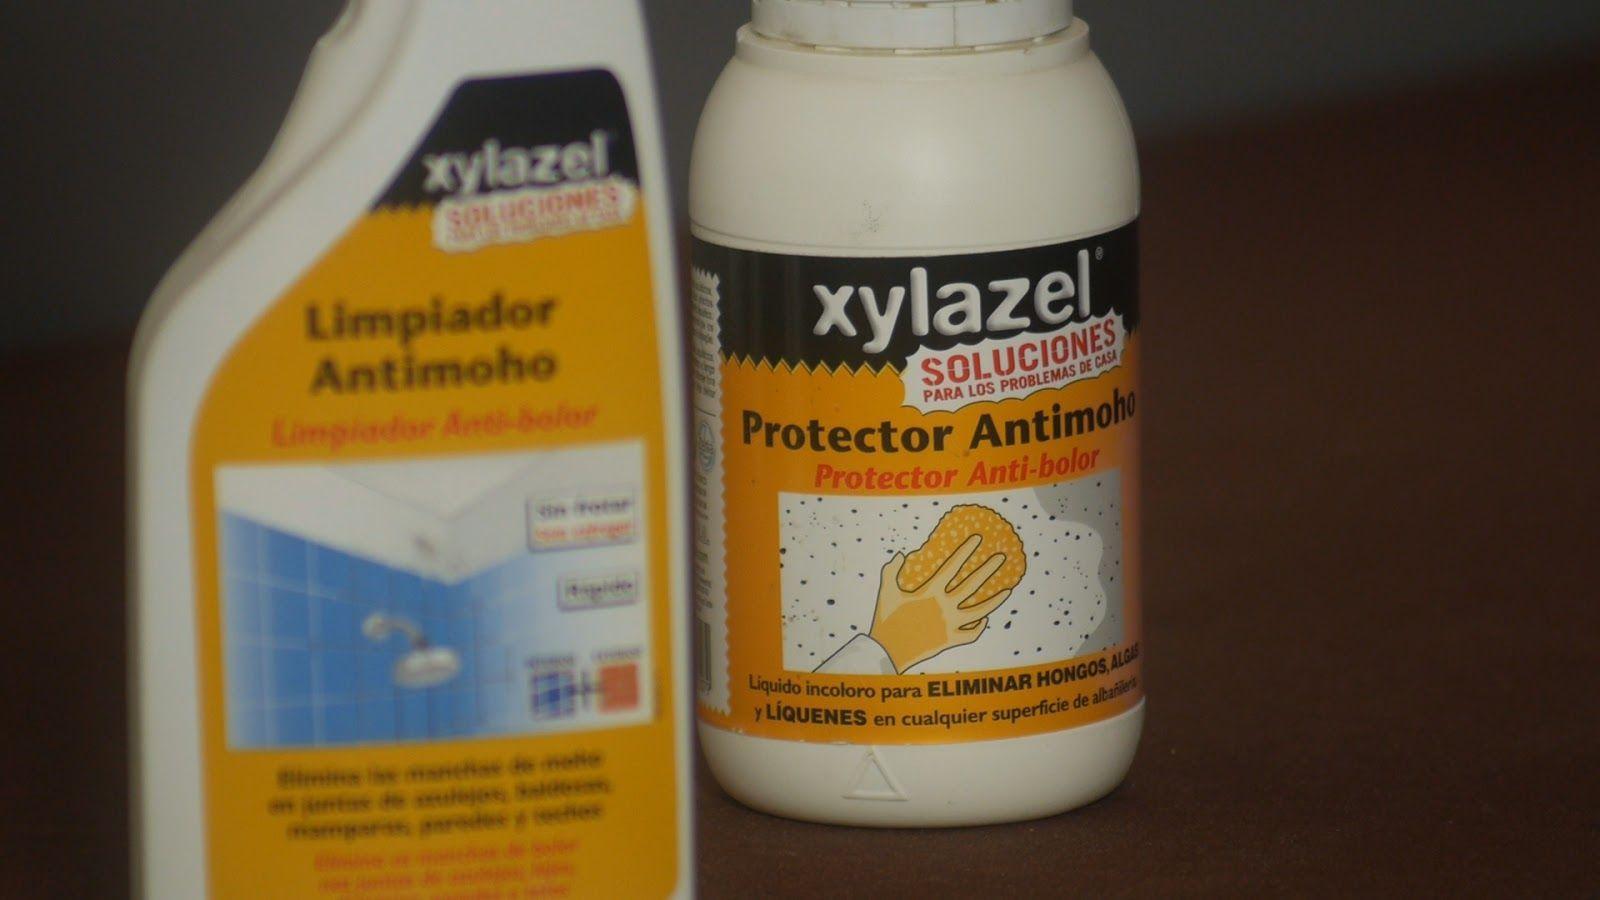 Limpiador y protector antimoho